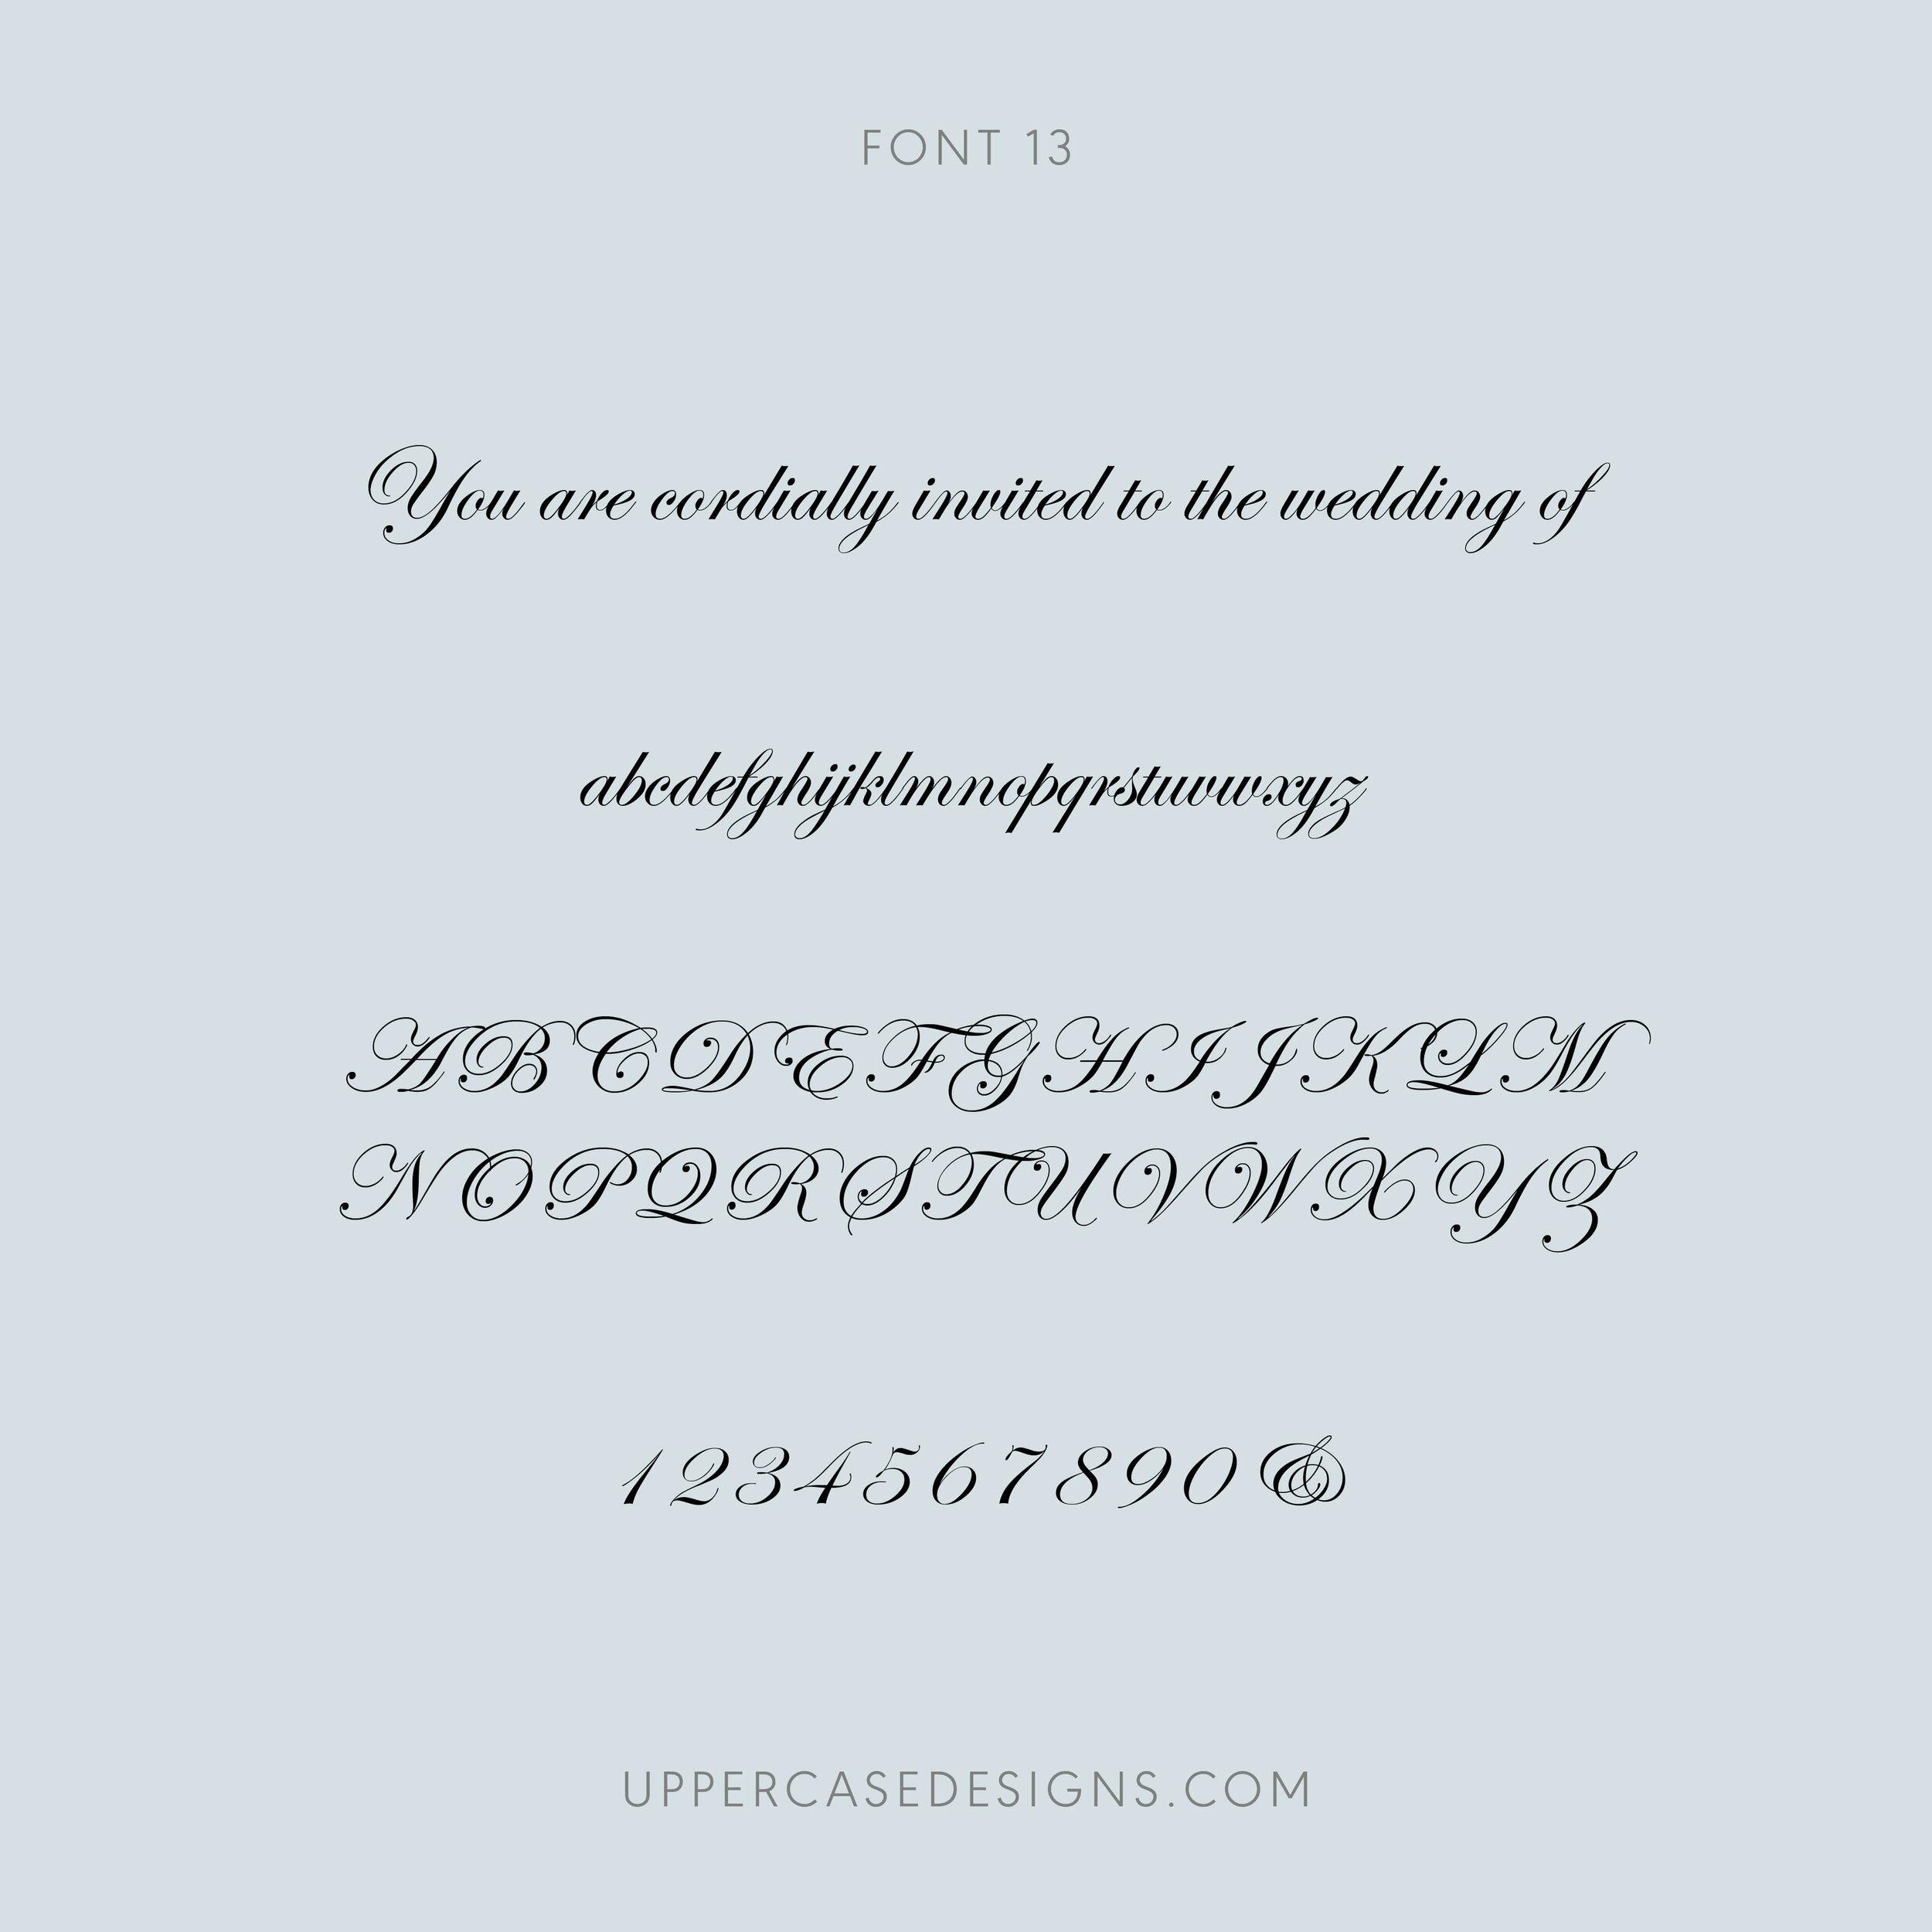 UppercaseDesigns-Fonts-202013.jpg